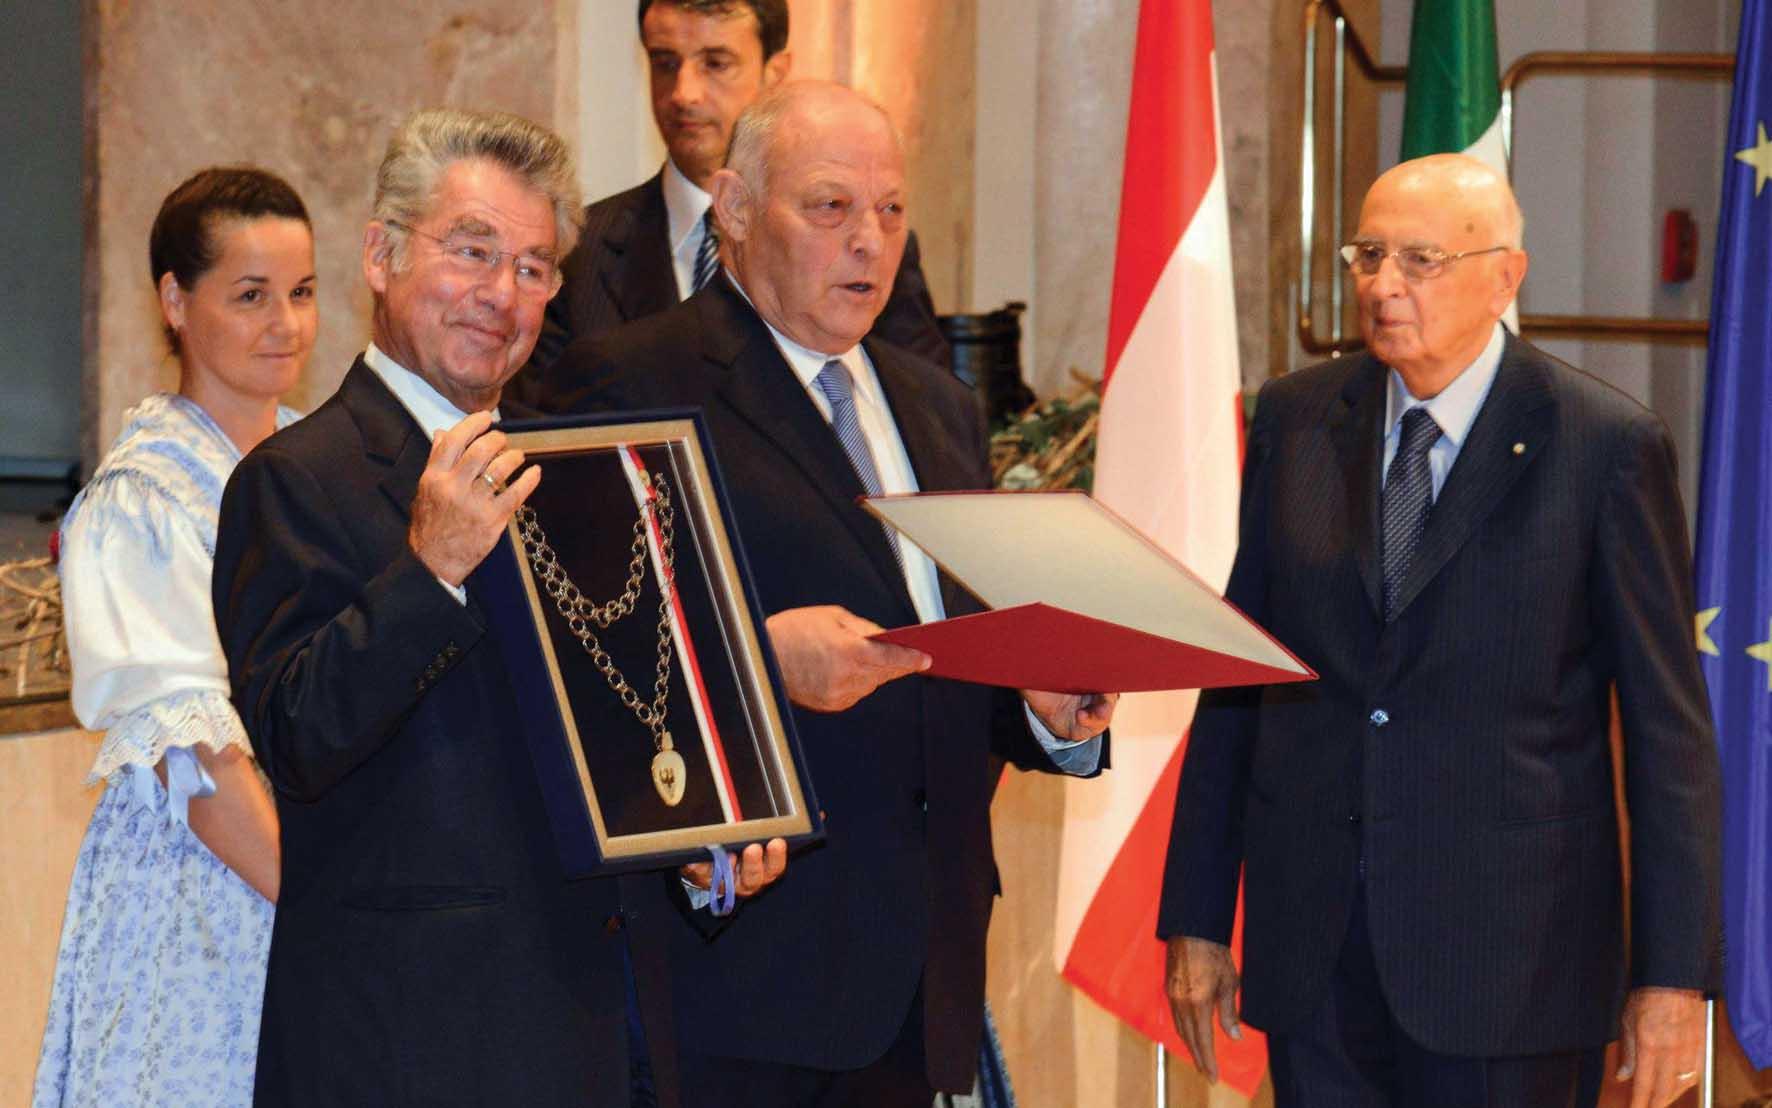 Festa autonomia 2012 Merano Luis Durnwalder Heinz Fischer medaglia 1